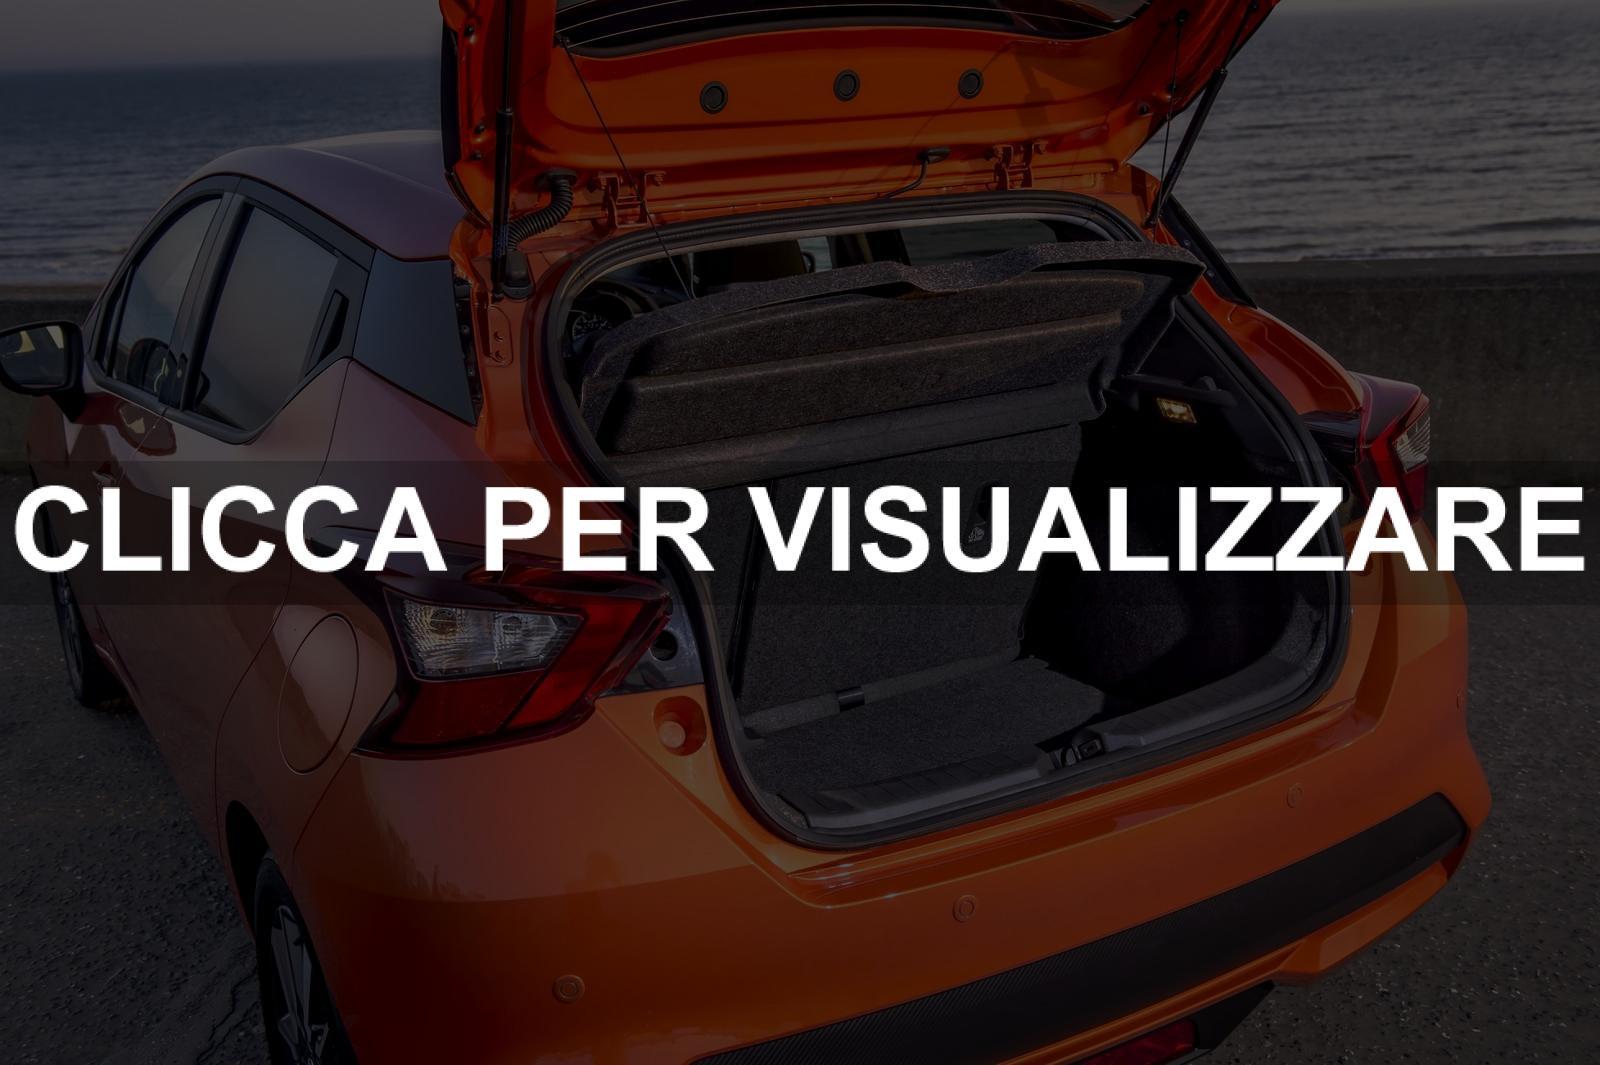 Capacita bagagliaio nuova Nissan Micra 2017 - Autonext